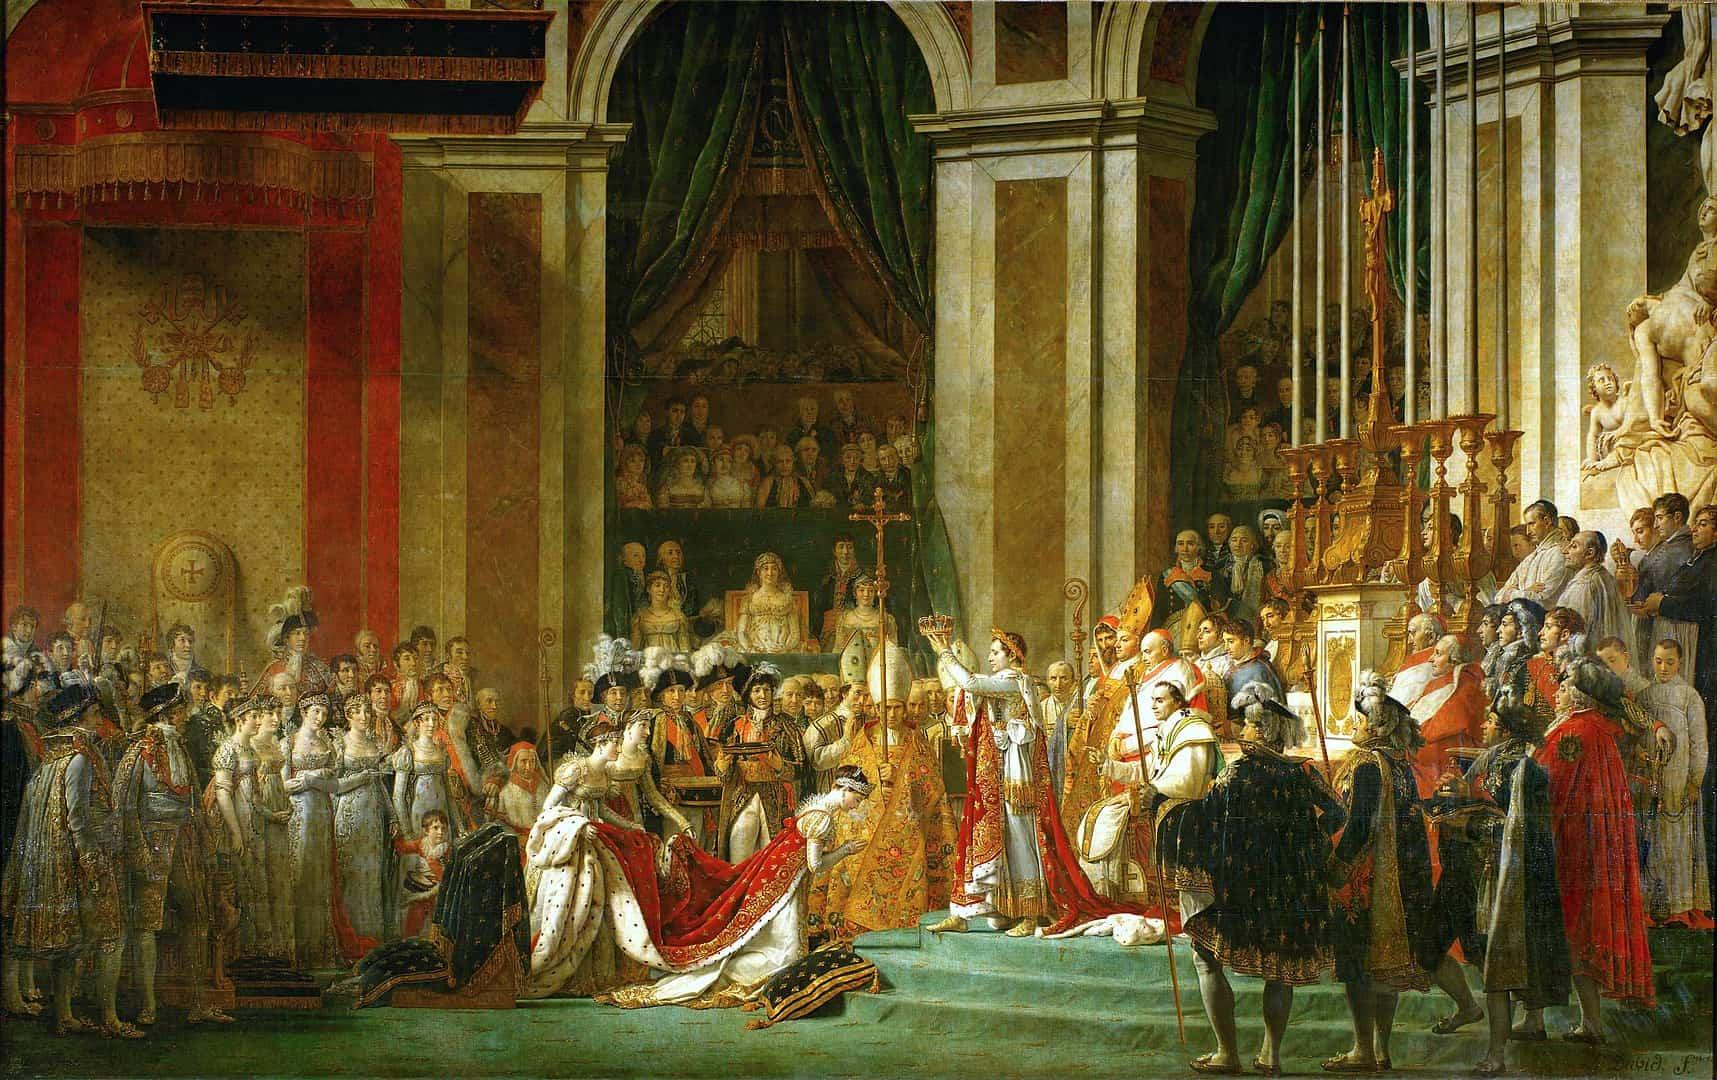 הכתרת נפוליאון, ז'אק-לואי דויד